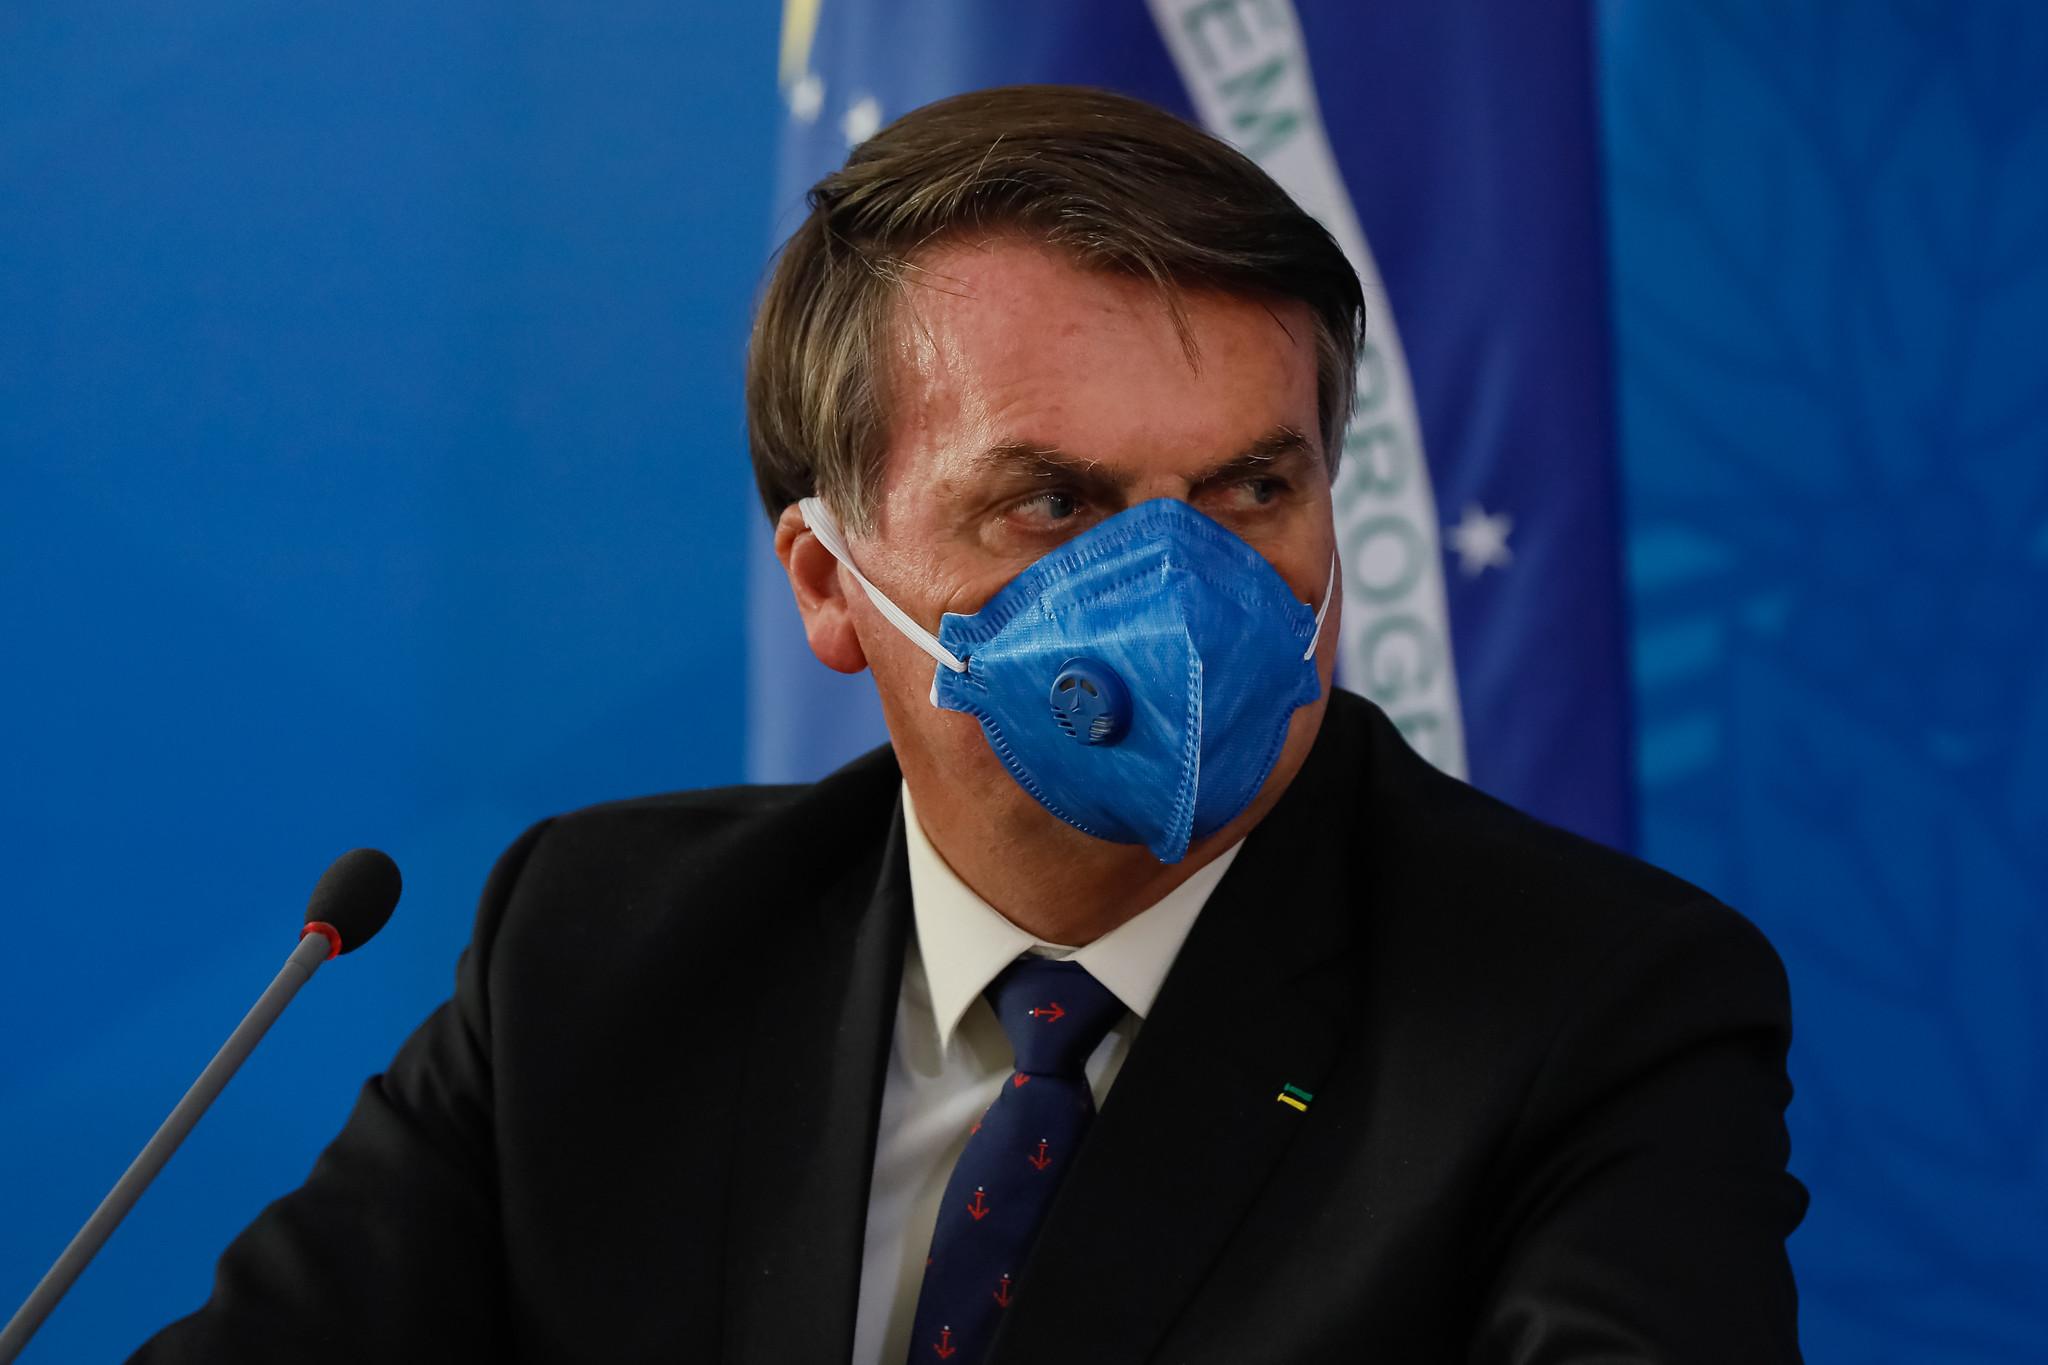 Justiça Federal obriga Bolsonaro a usar máscara em espaços públicos no DF thumbnail